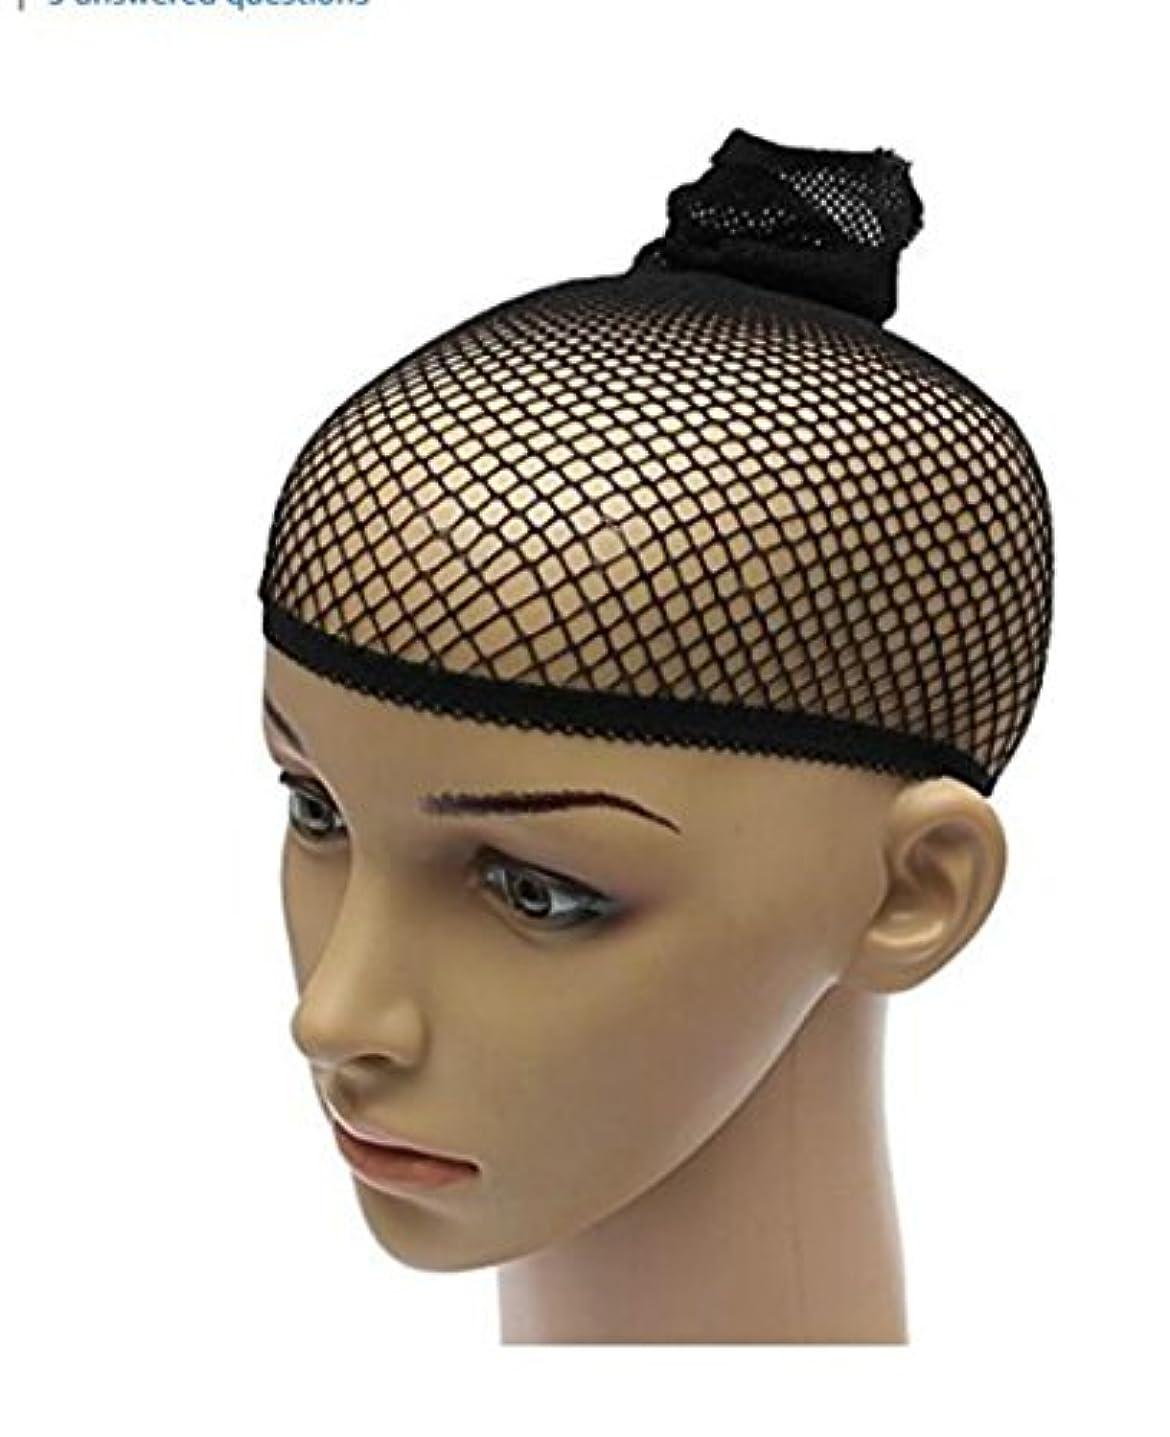 TAKIの部屋 ウィッグネット ウィッグ専用 ハロイン変身用 ヘアーネット 筒型 ブラック フリーサイズ ユニセックス